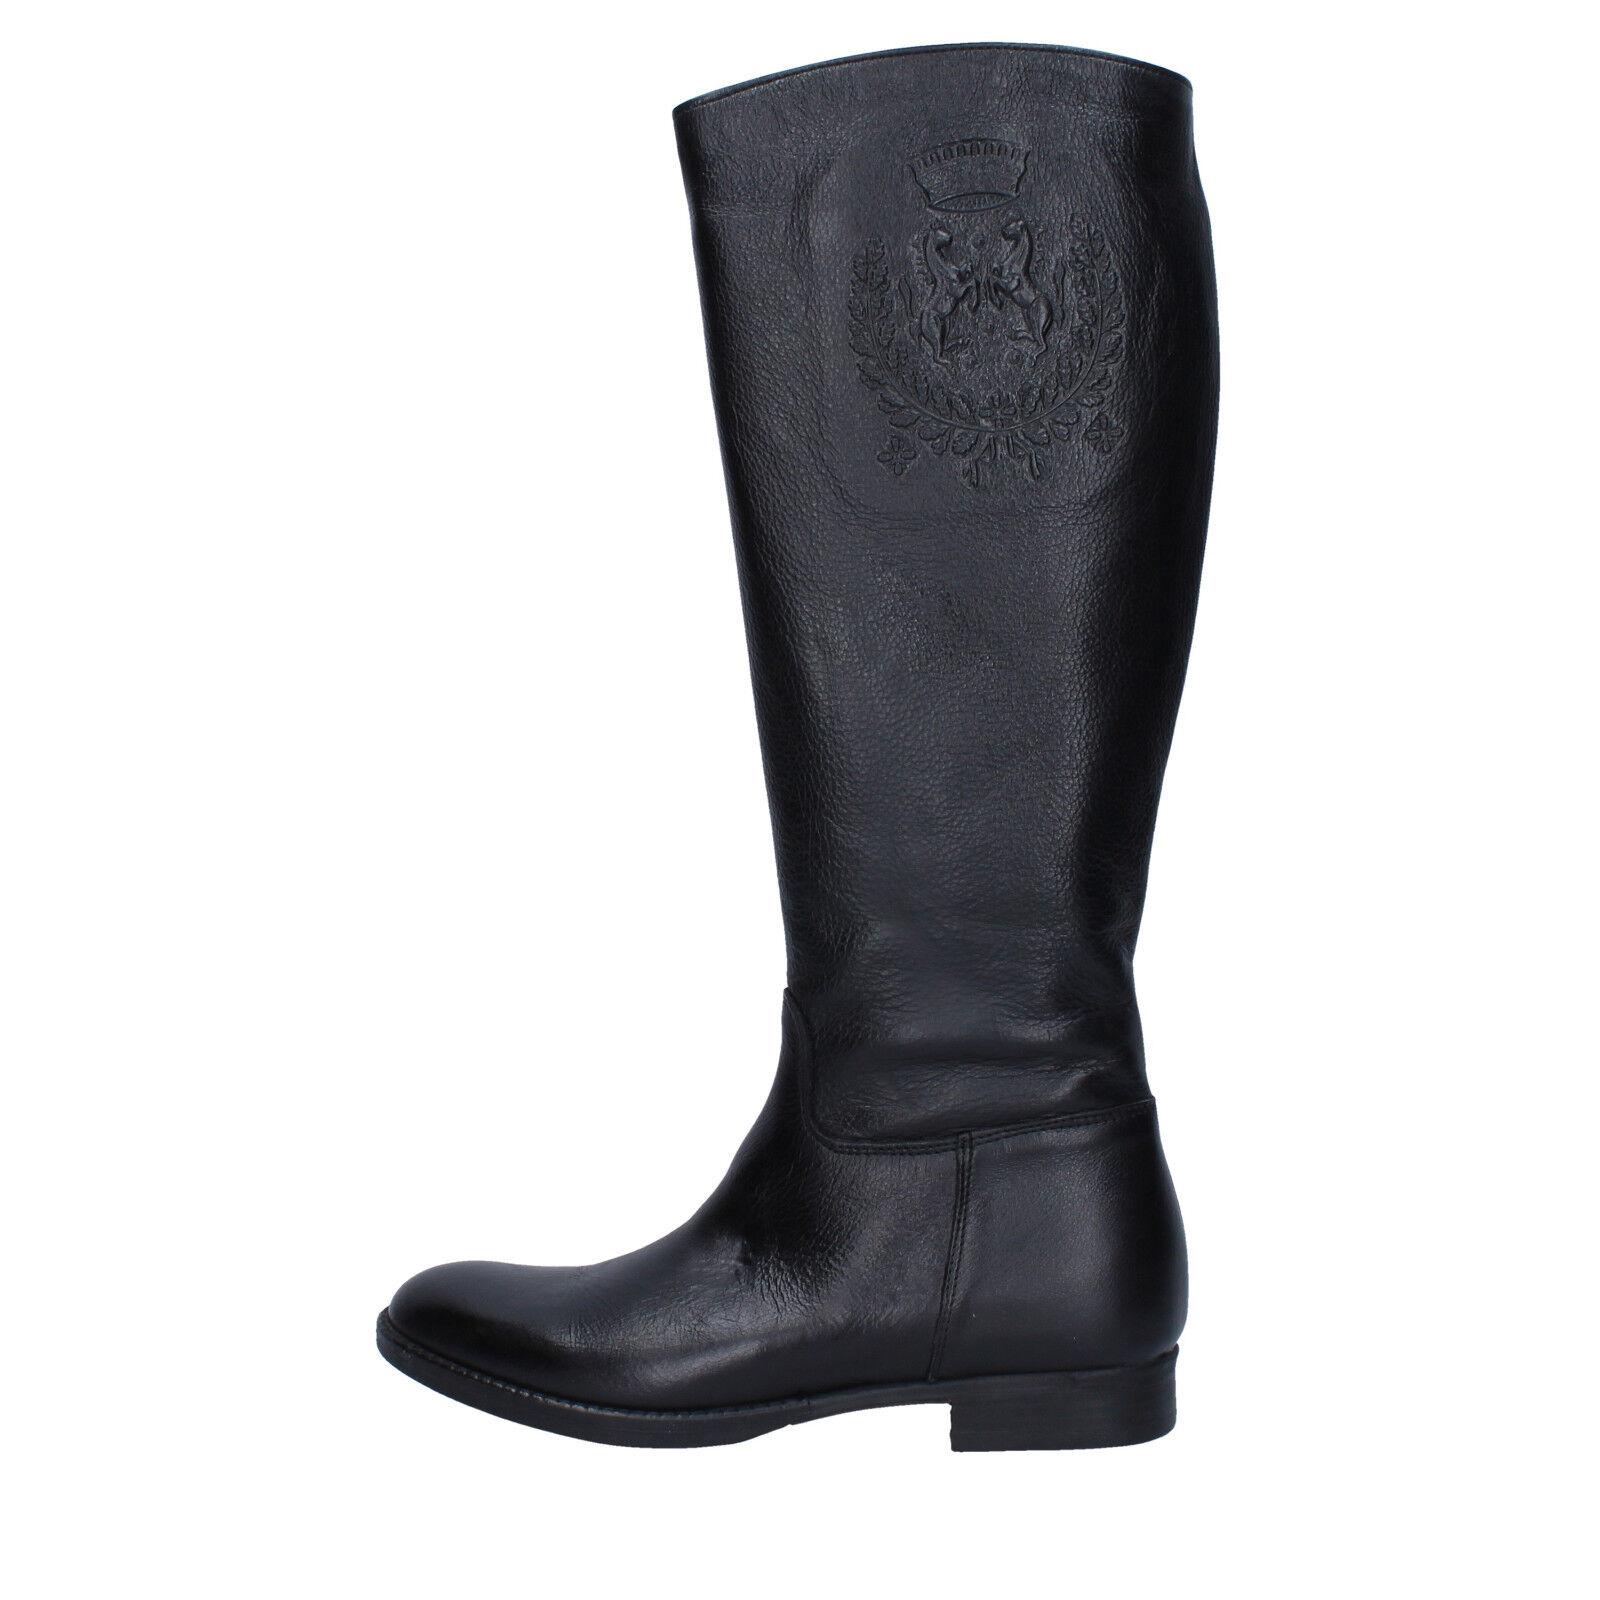 Scarpe donna TREND 36 EU stivali nero pelle AJ223-36